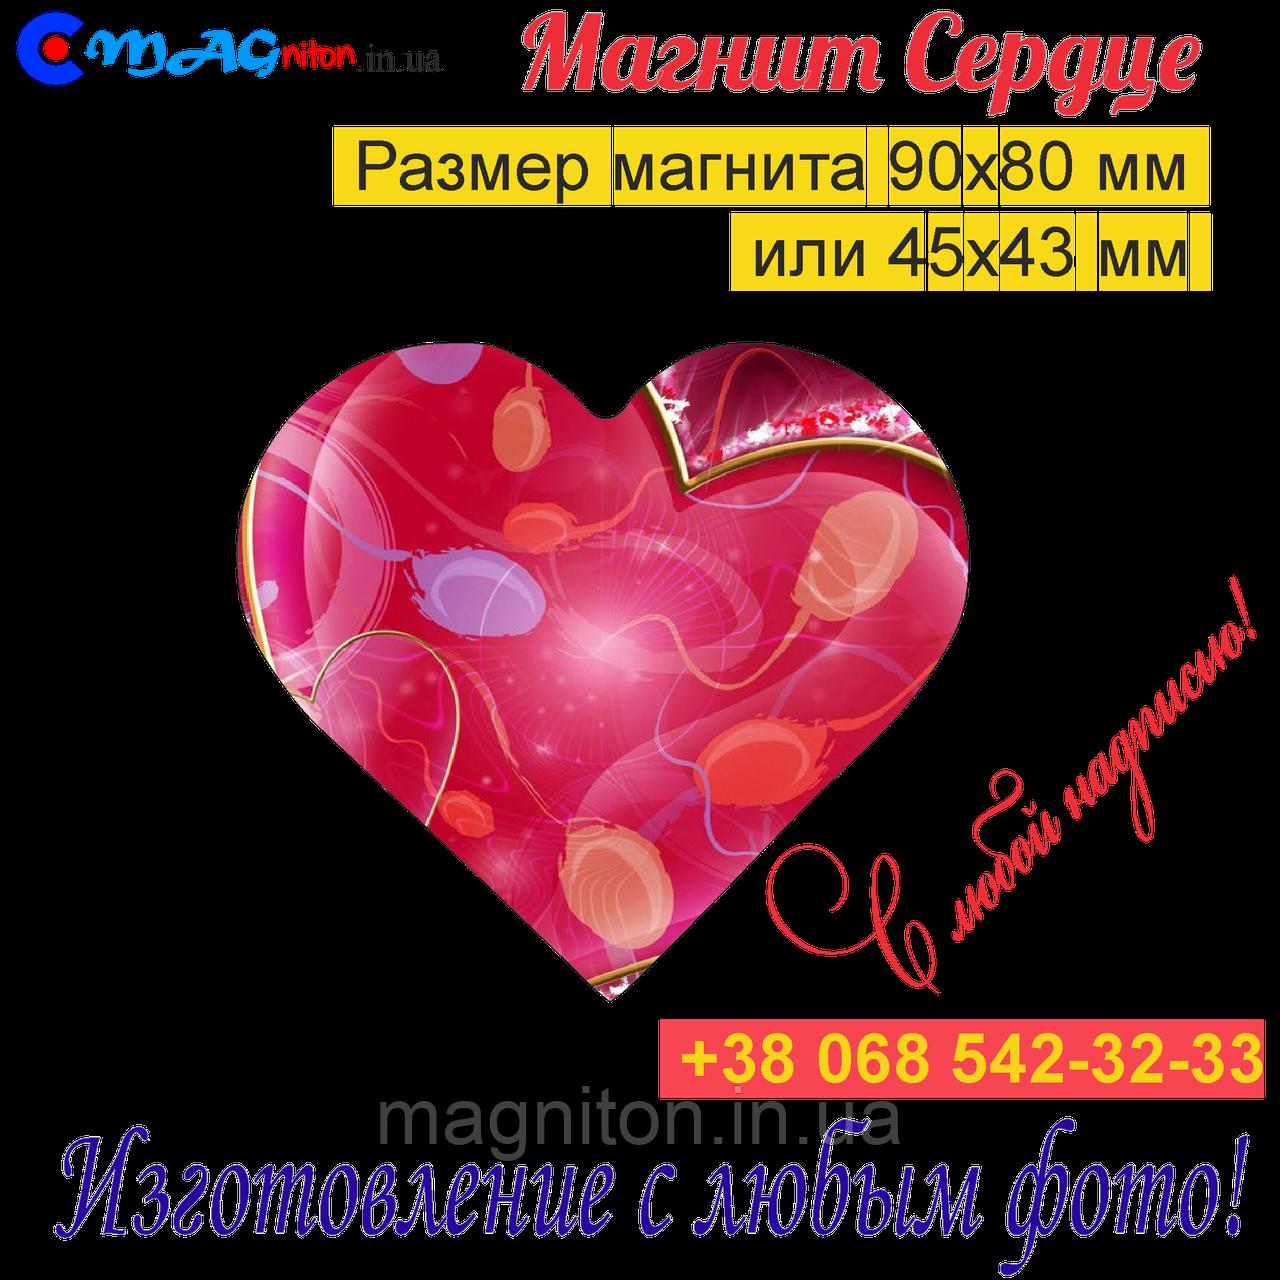 Магнит Сердце на холодильник 080